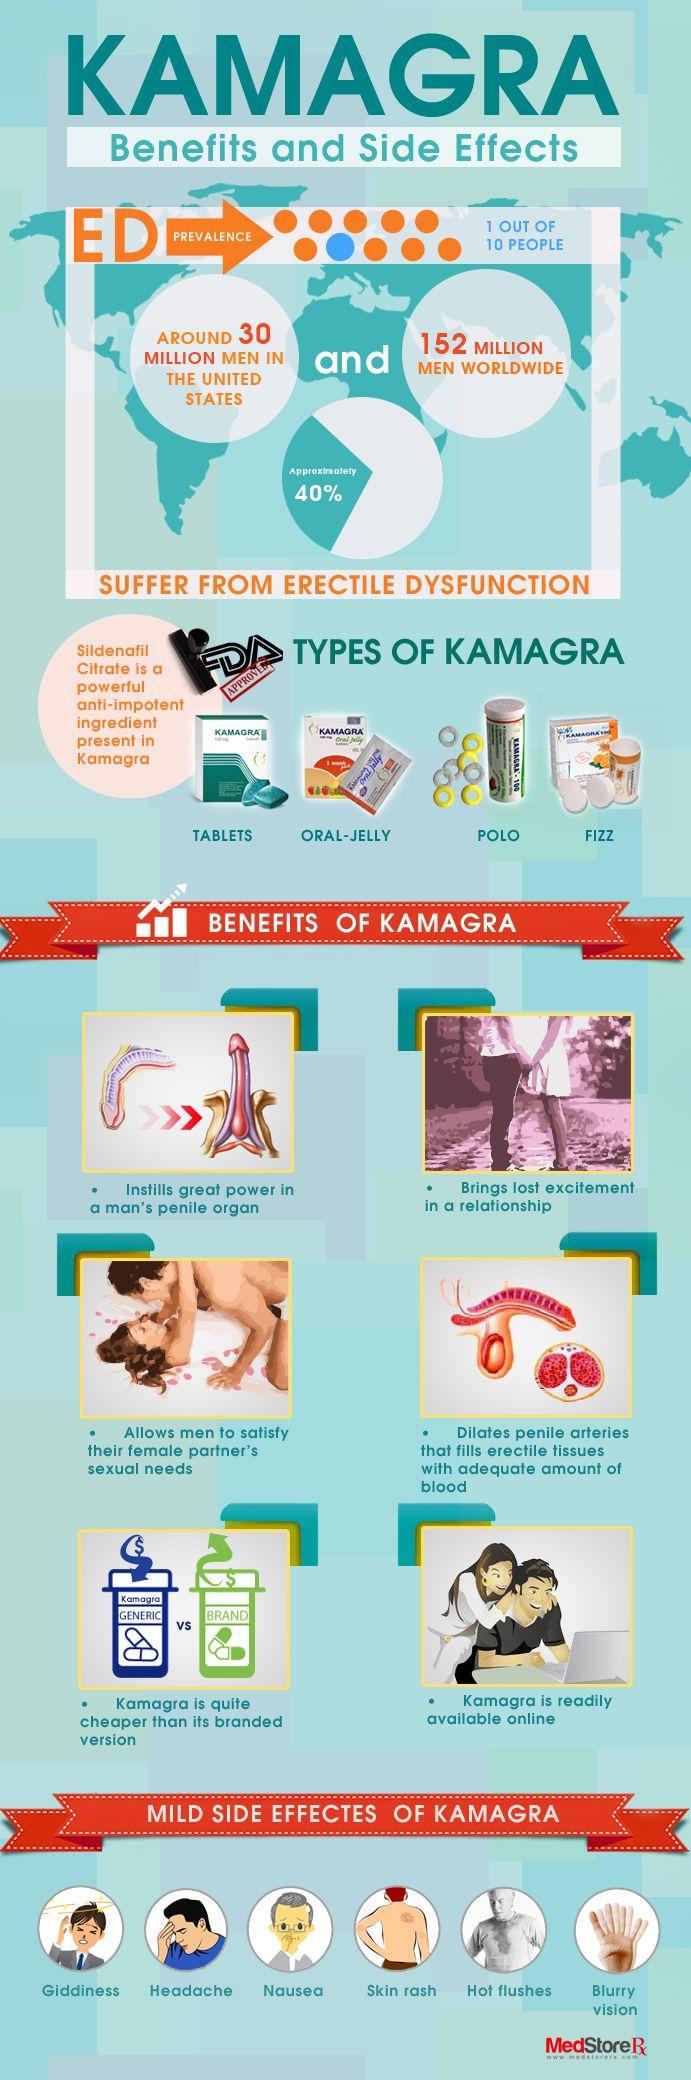 kamagra pills side effects